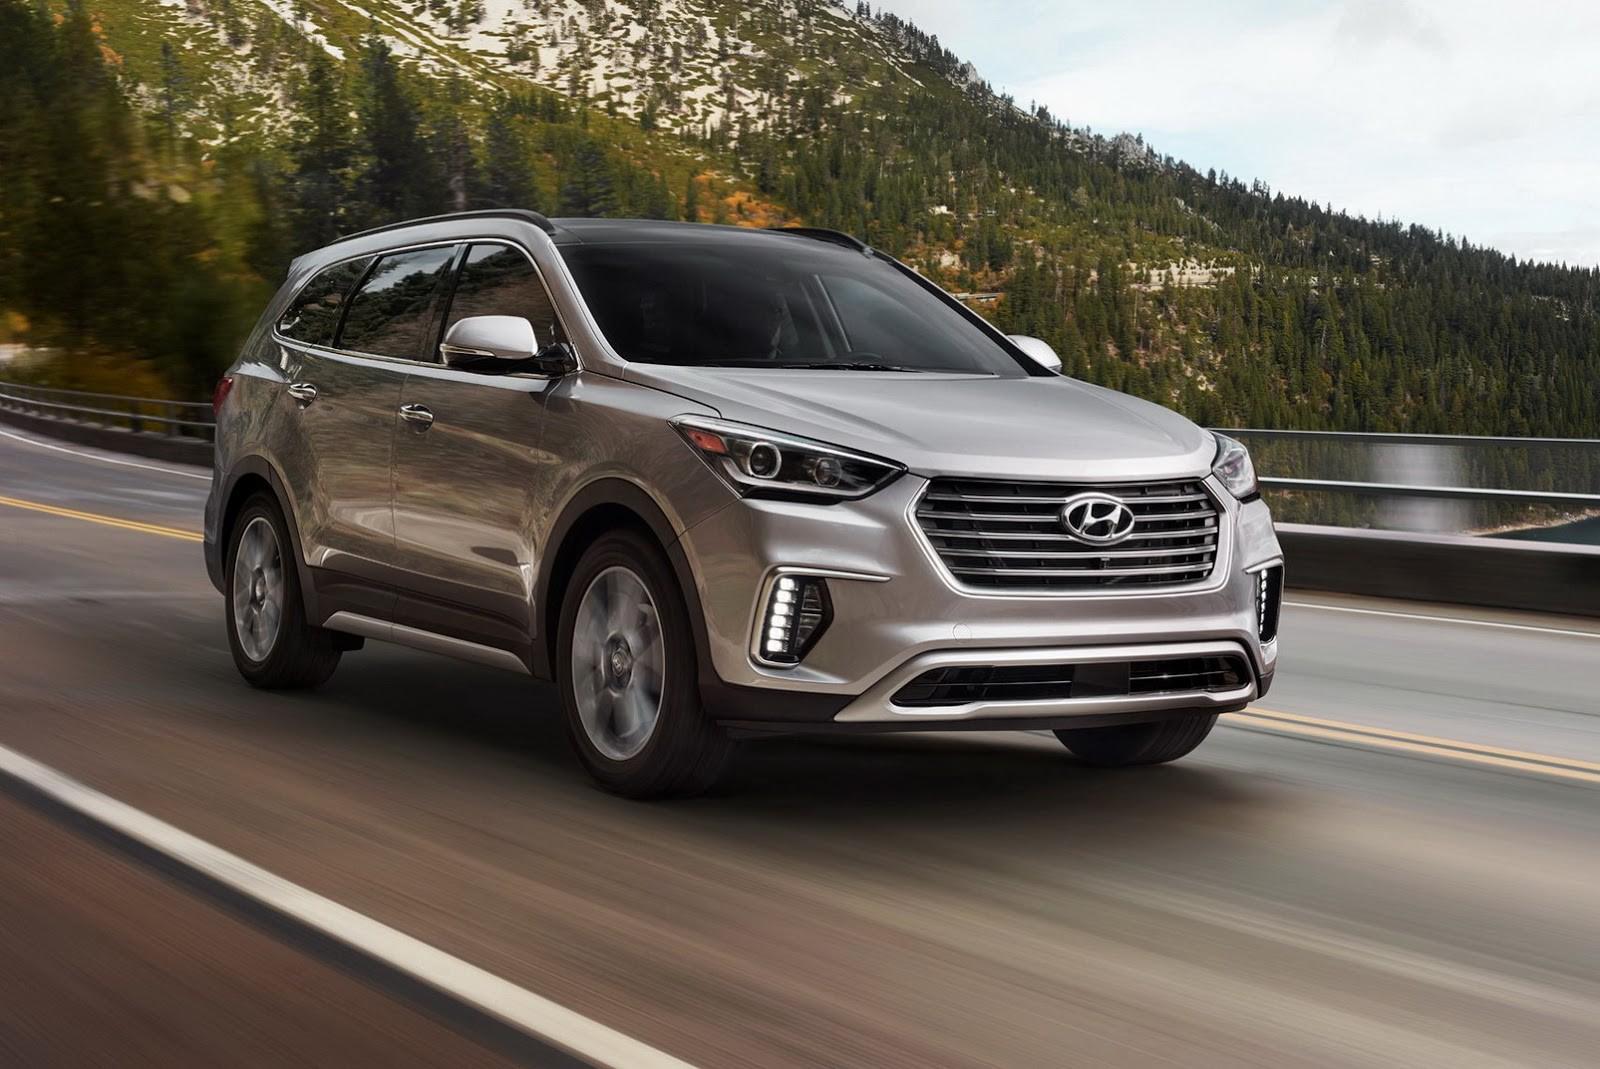 Чикаго 2016 обновленное 2017 Hyundai Santa Fe открыло свое лицо